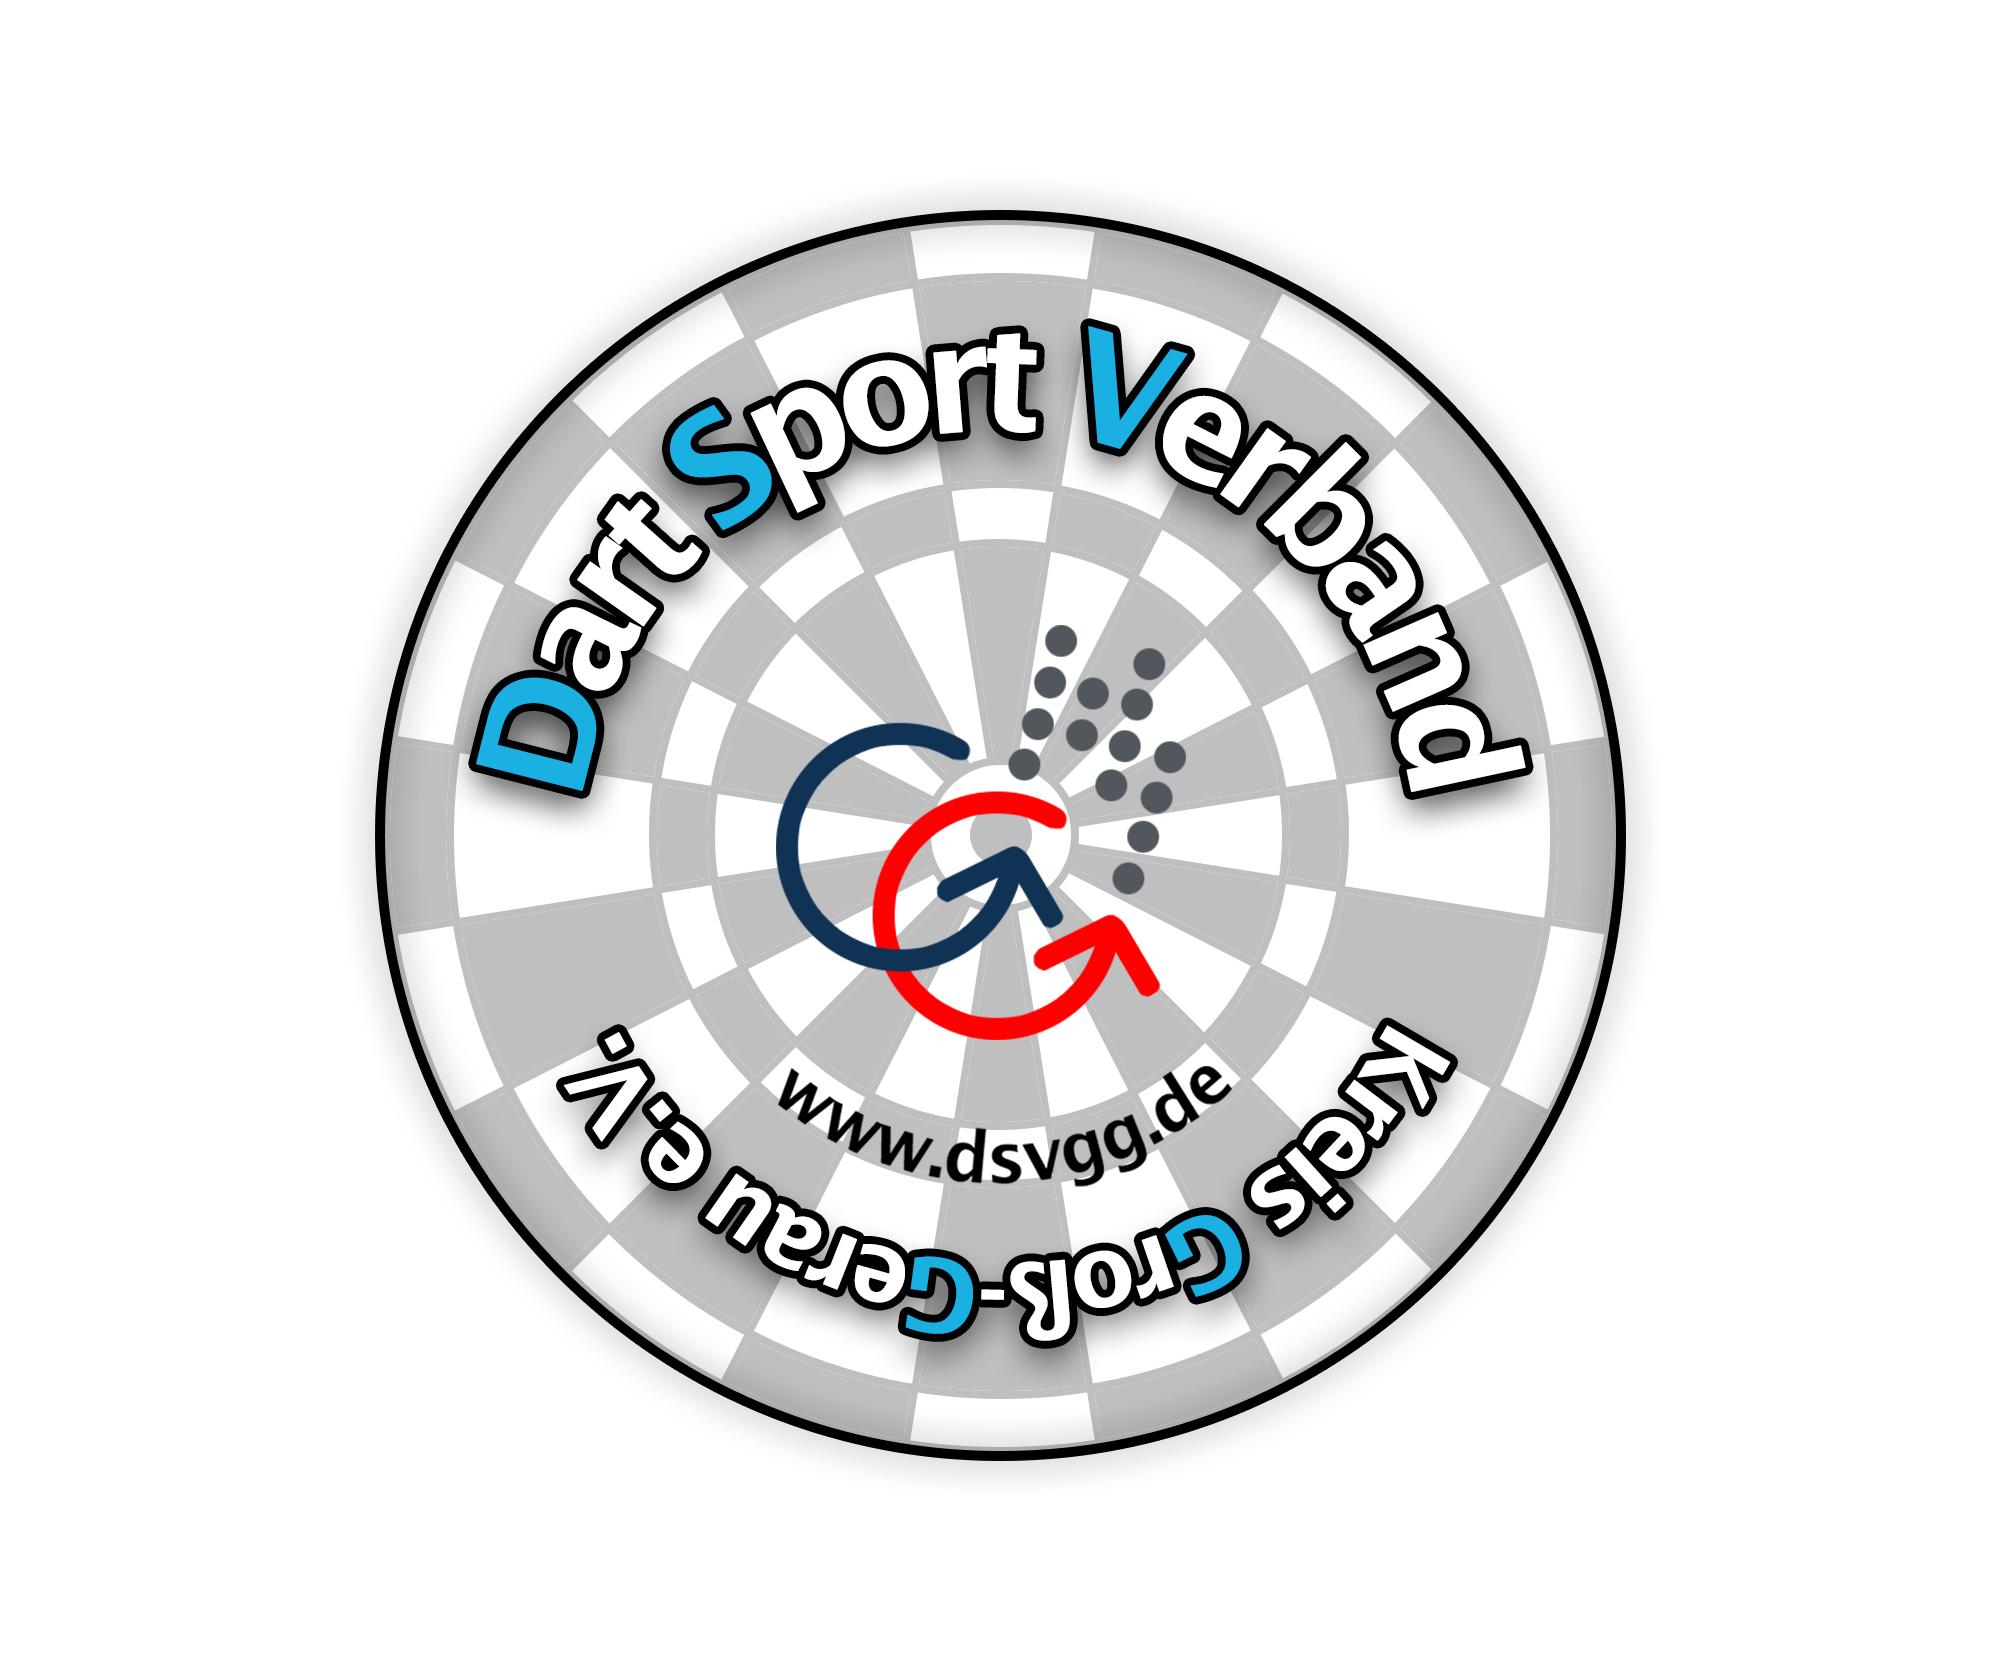 DSVGG - Dartsportverband des Kreises Groß-Gerau